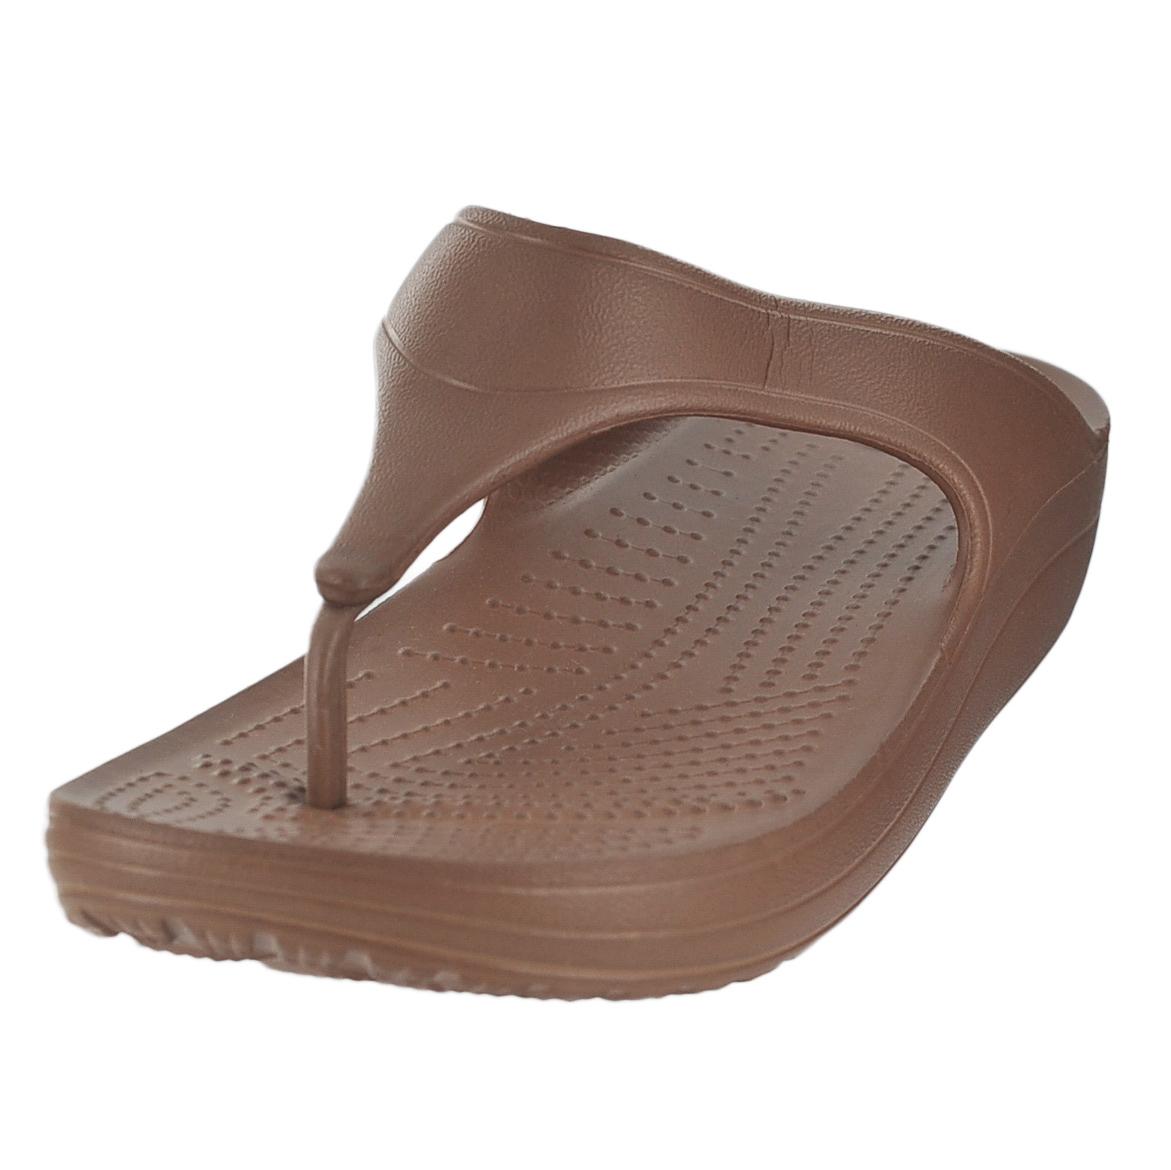 Wonderful Crocs Kadee II Women39s Flip Flops  Shoes By Mail